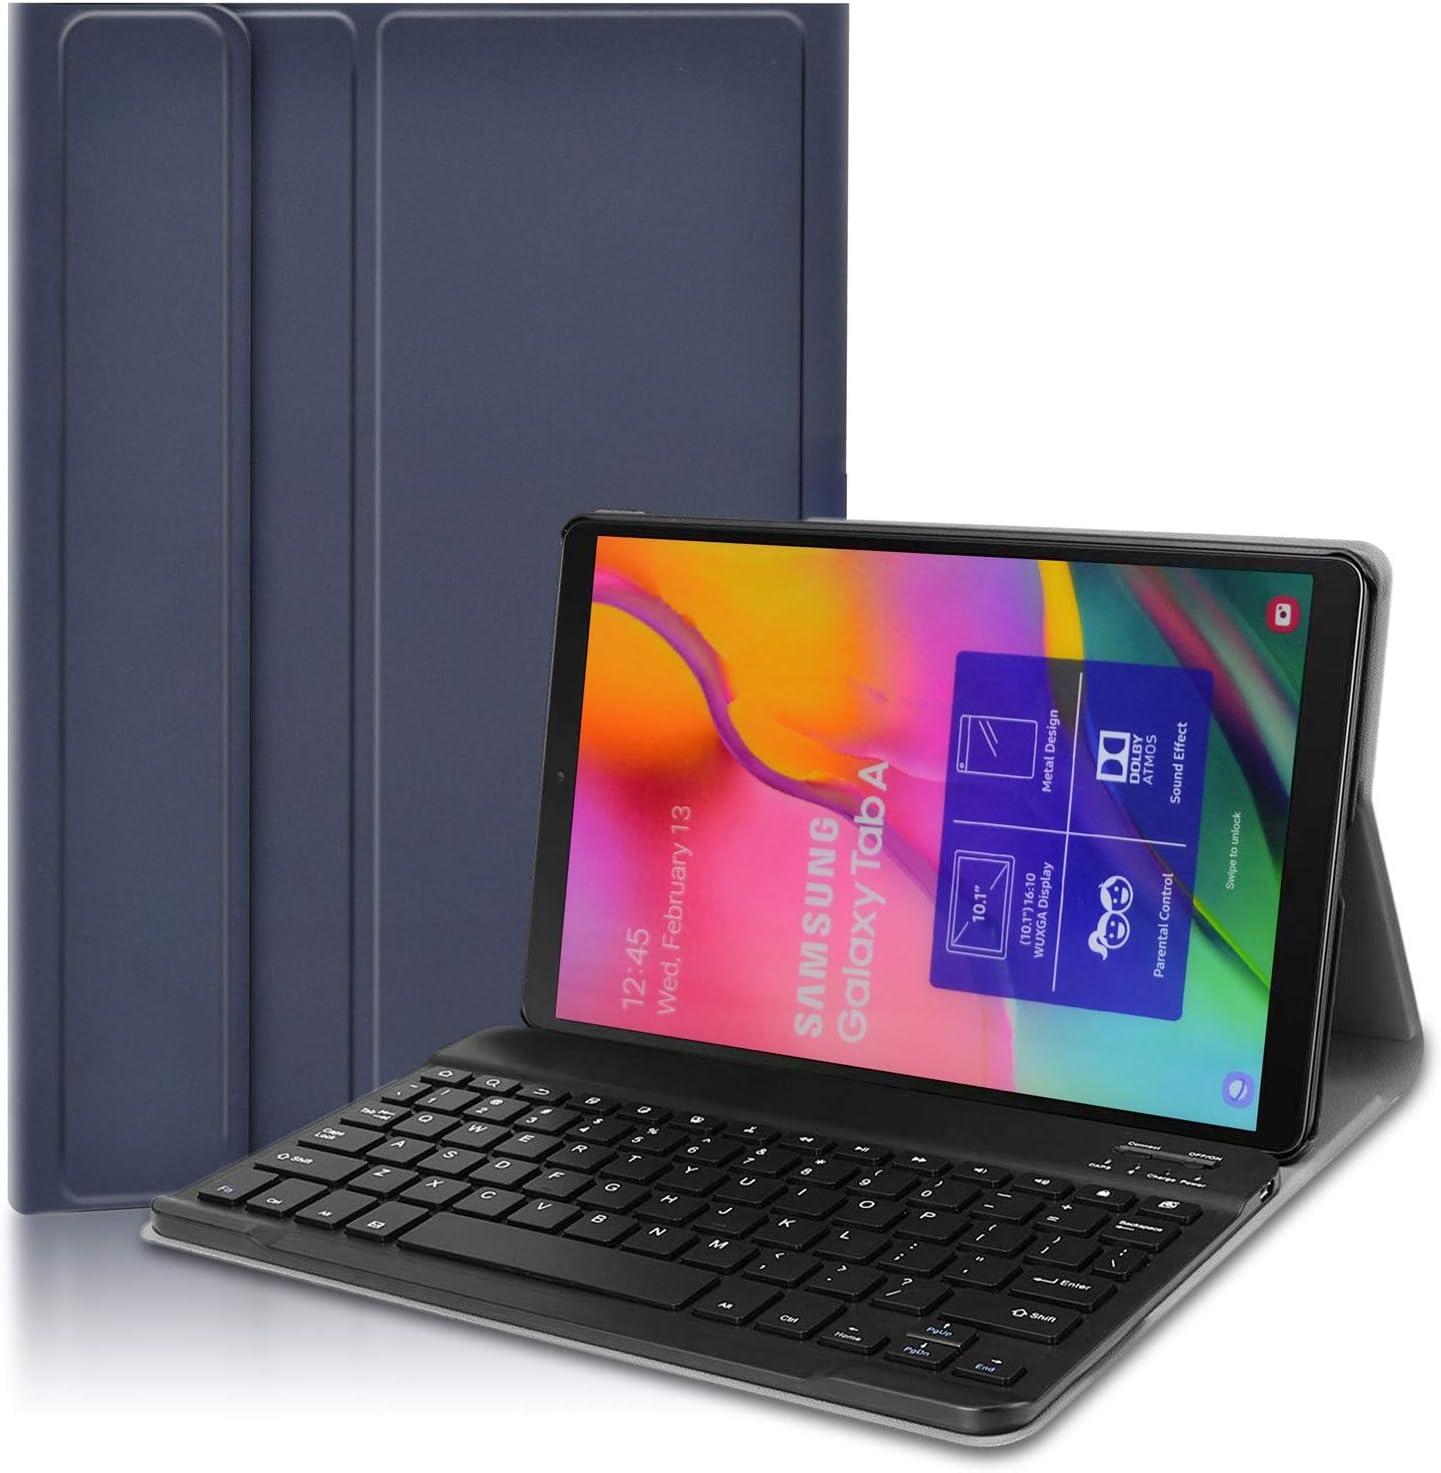 KILISON Samsung Galaxy Tab A 2019 T510/T515 Teclado Estuche Funda [QWERTY Formato], Slim PU Cuero Wireless Bluetooth Teclado Case Cover para Samsung Galaxy Tab A 10.1 2019 SM-T510 / T515, Azul